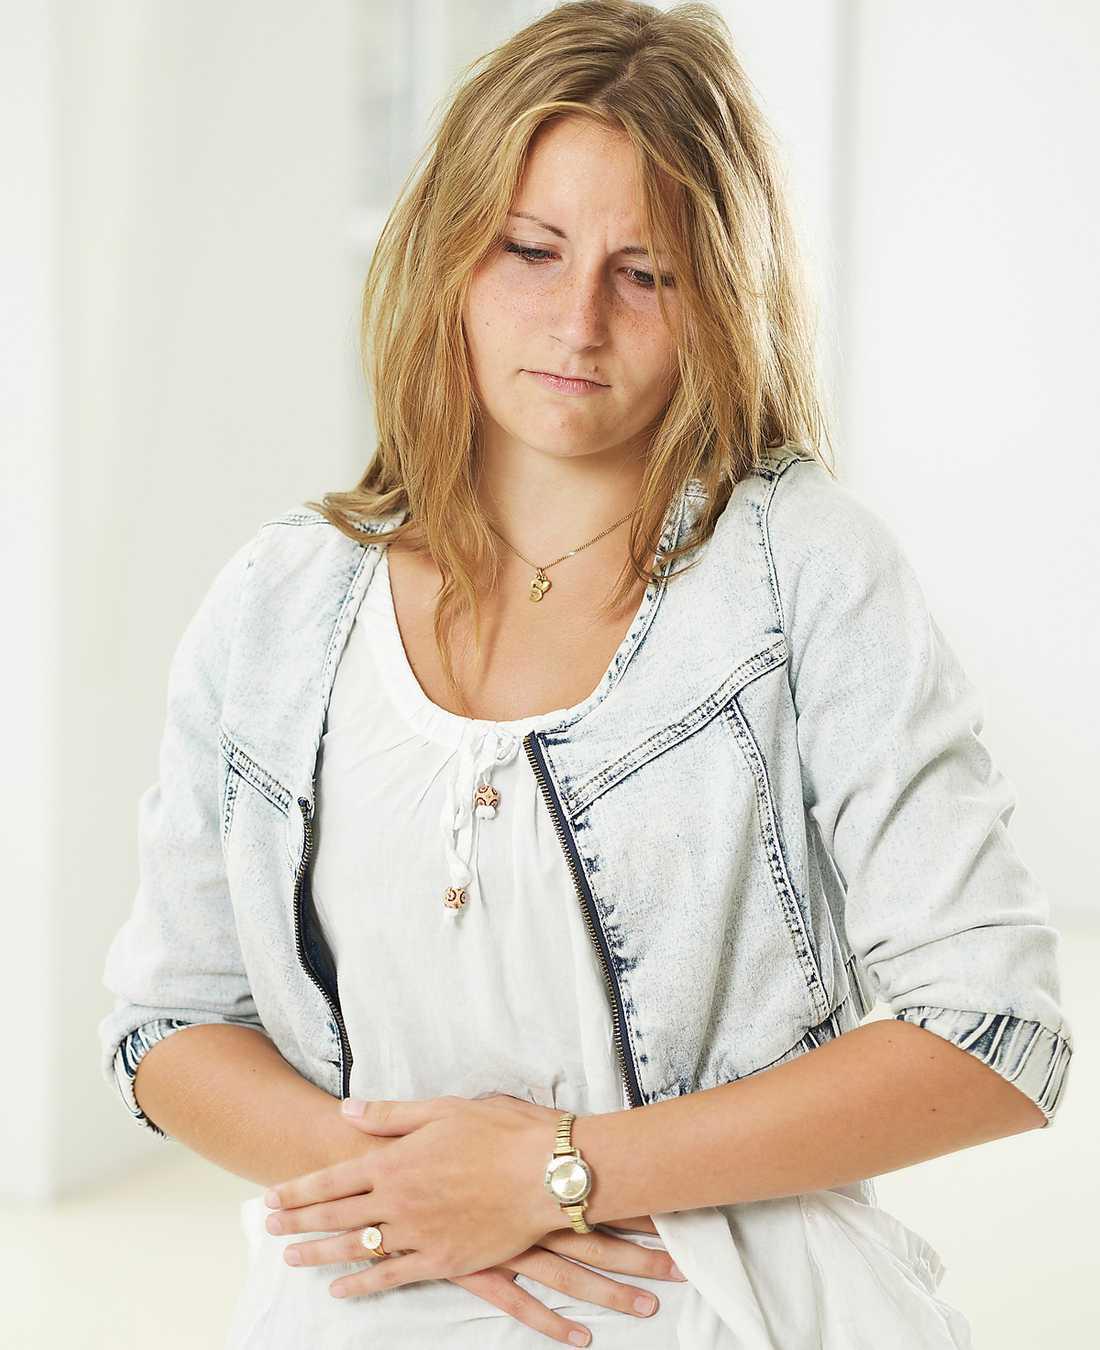 Magknip Många svenskar går omkring med svullen mage. Men det finns många metoder man kan pröva för att få balans i tarmarna.